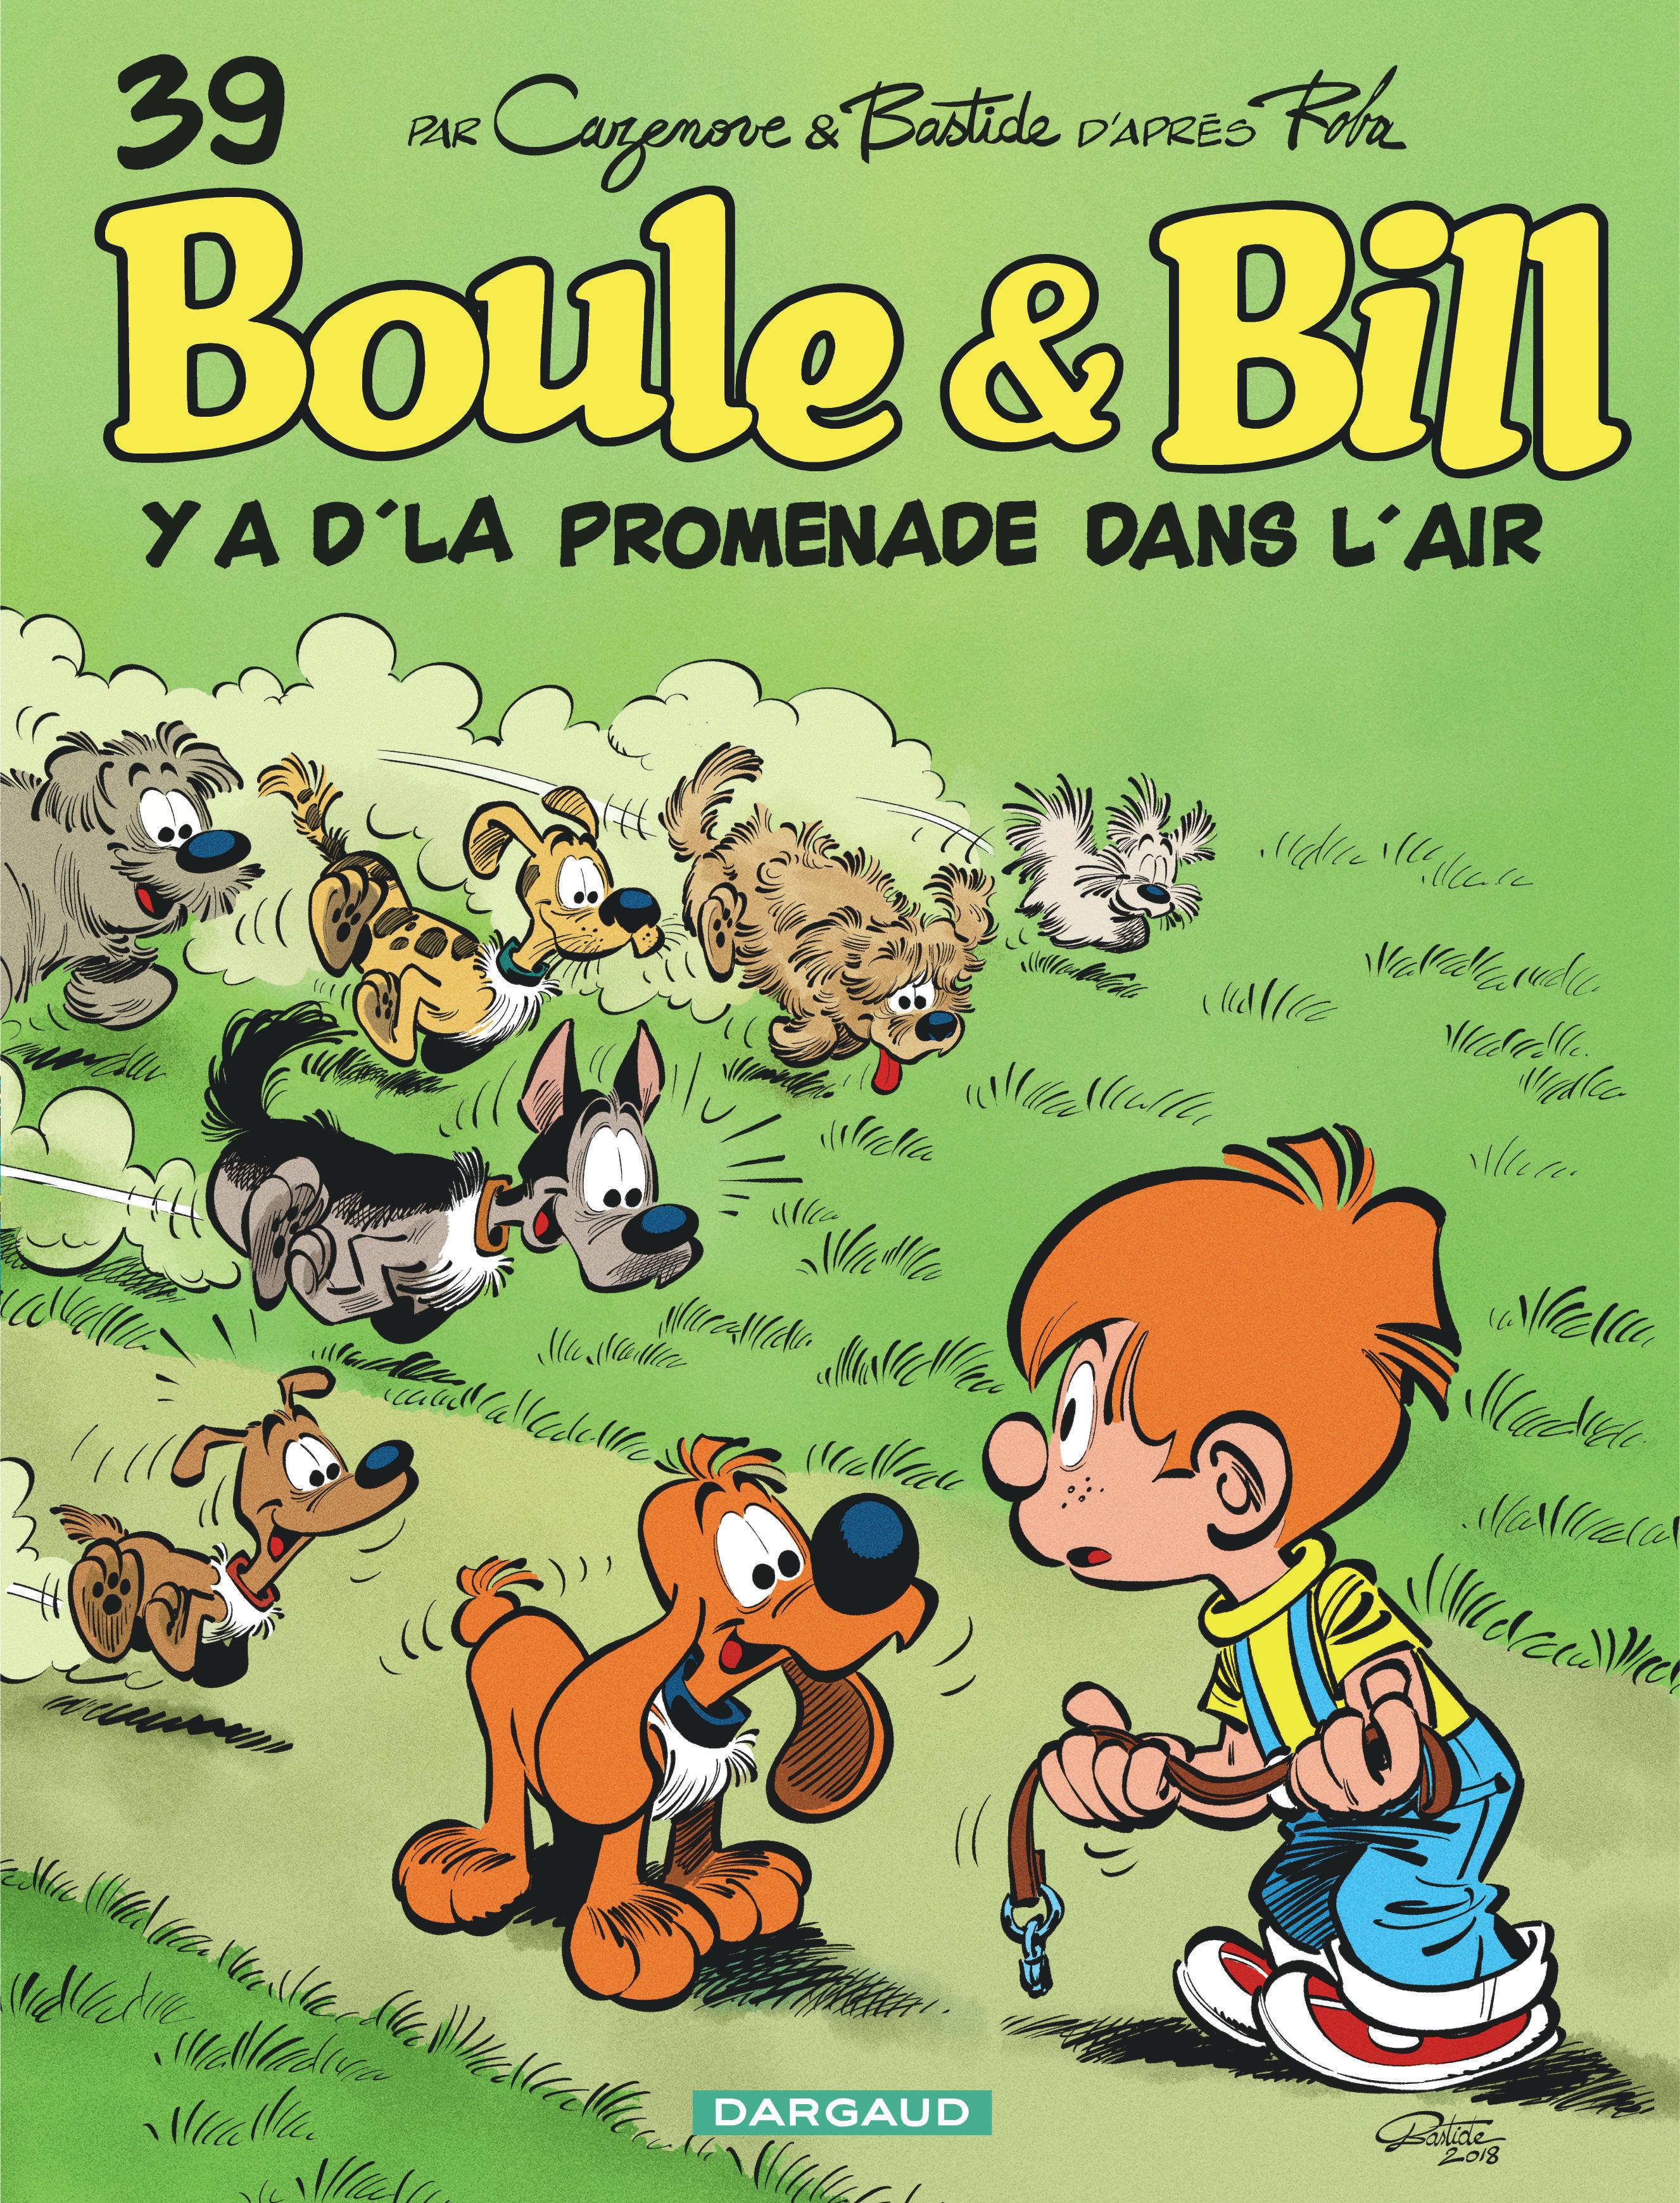 Boule Bill Tome 39 Y A D La Promenade Dans L Air Bd